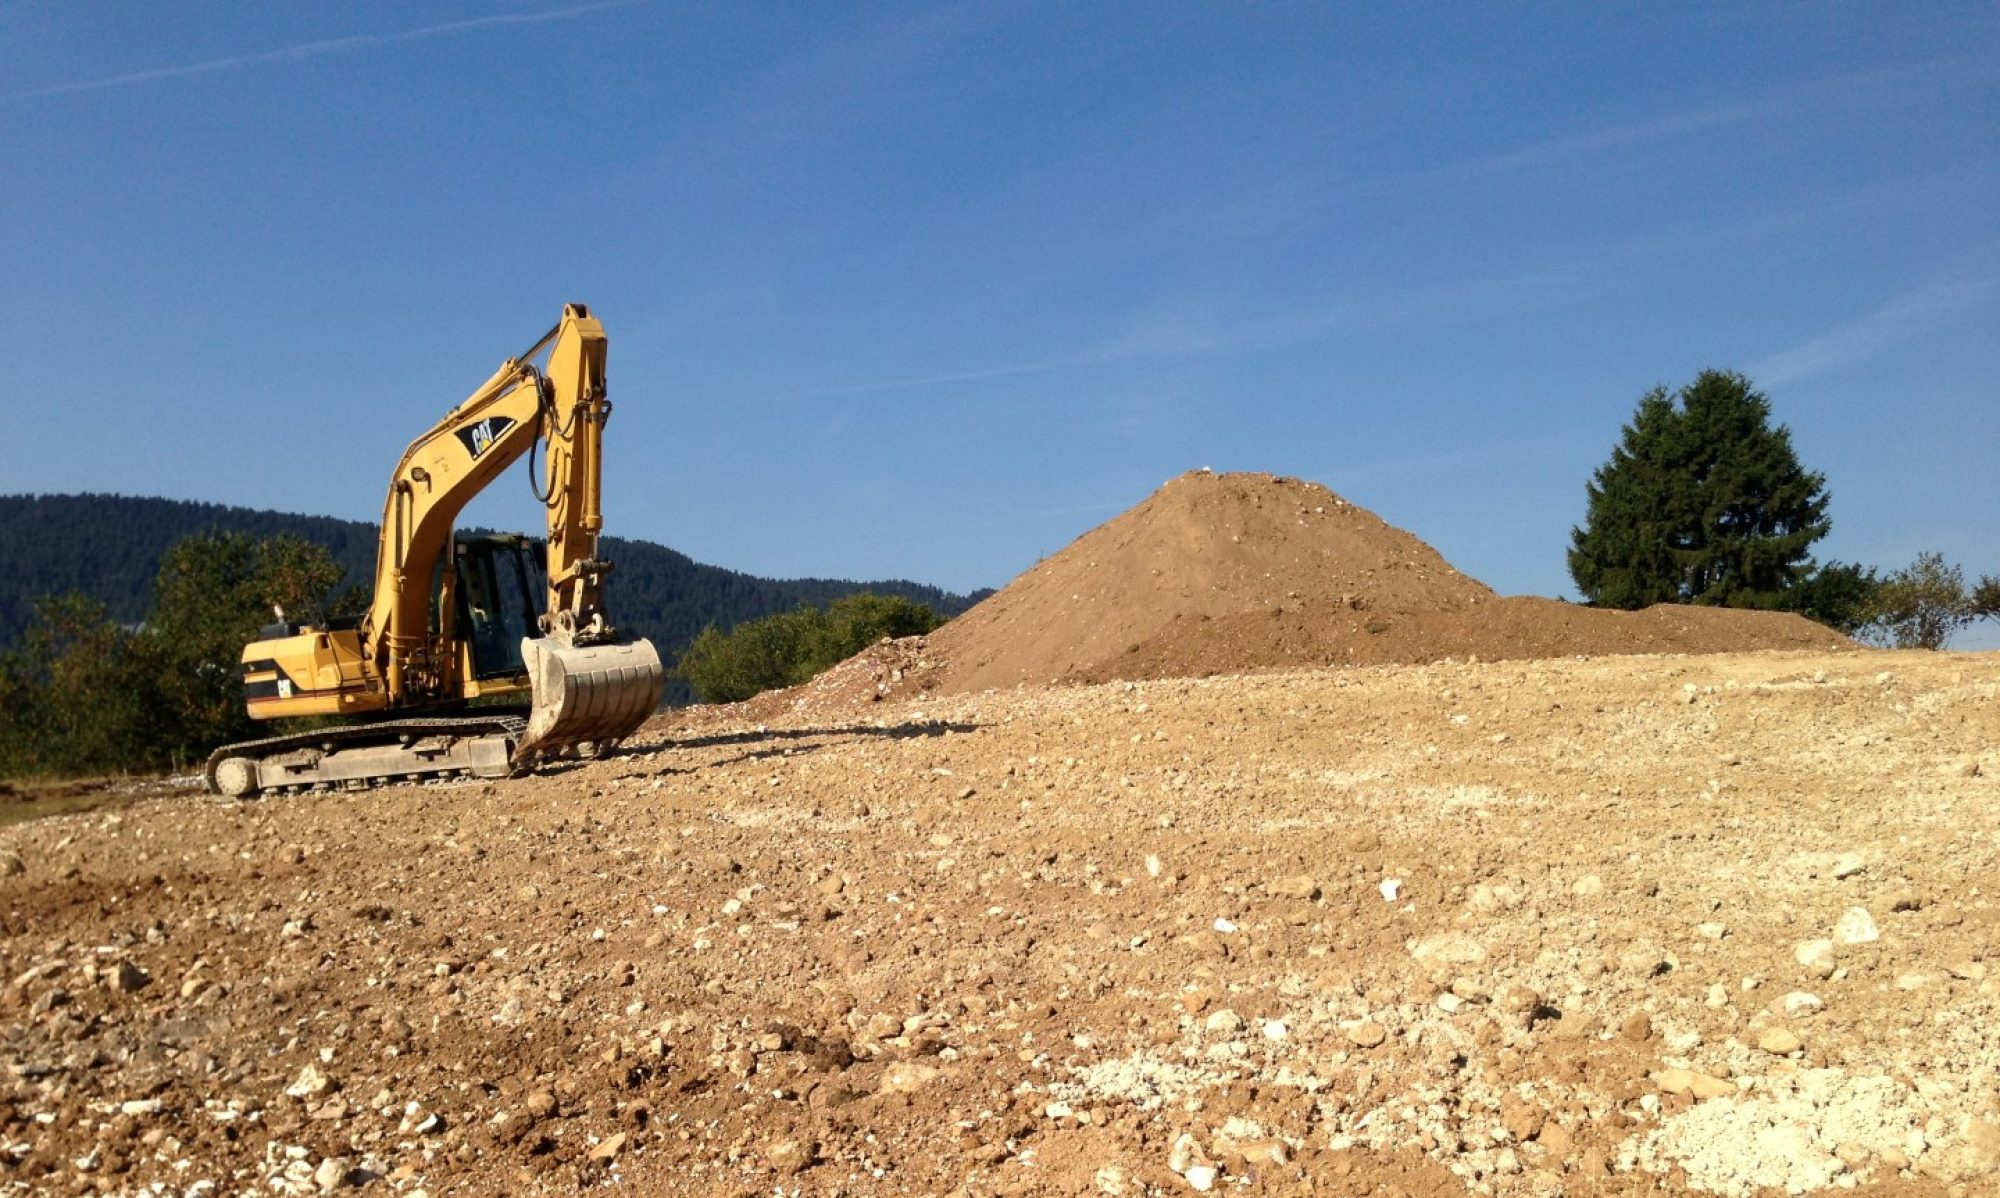 Osele Figli - Scavi e demolizioni e movimento terra